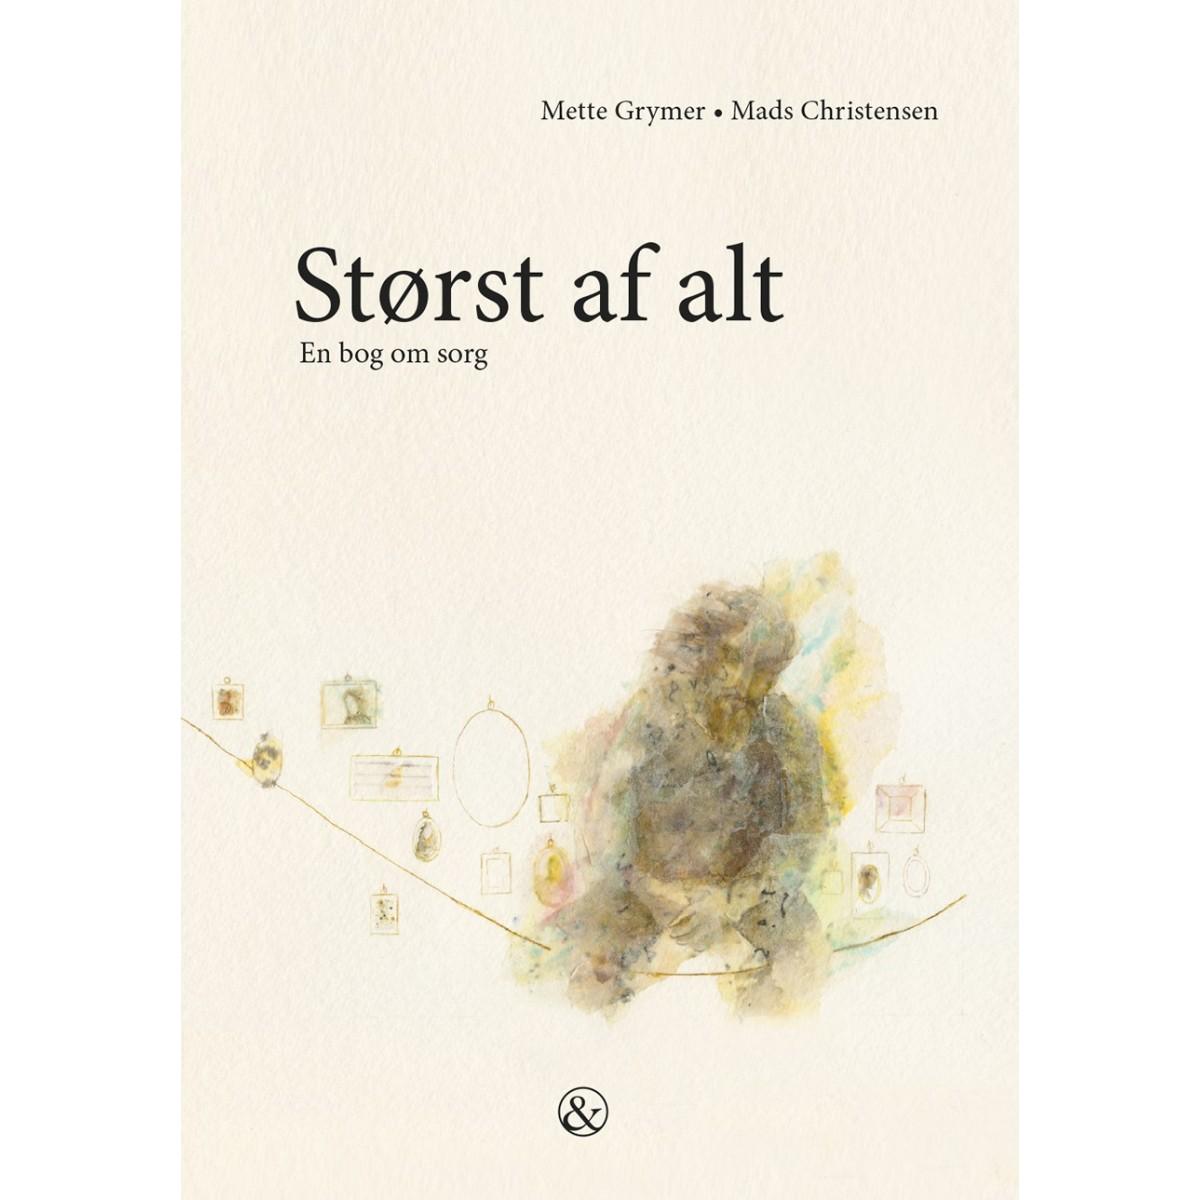 Mette Grymer og Mads Christensen: Størst af alt - En bog om sorg